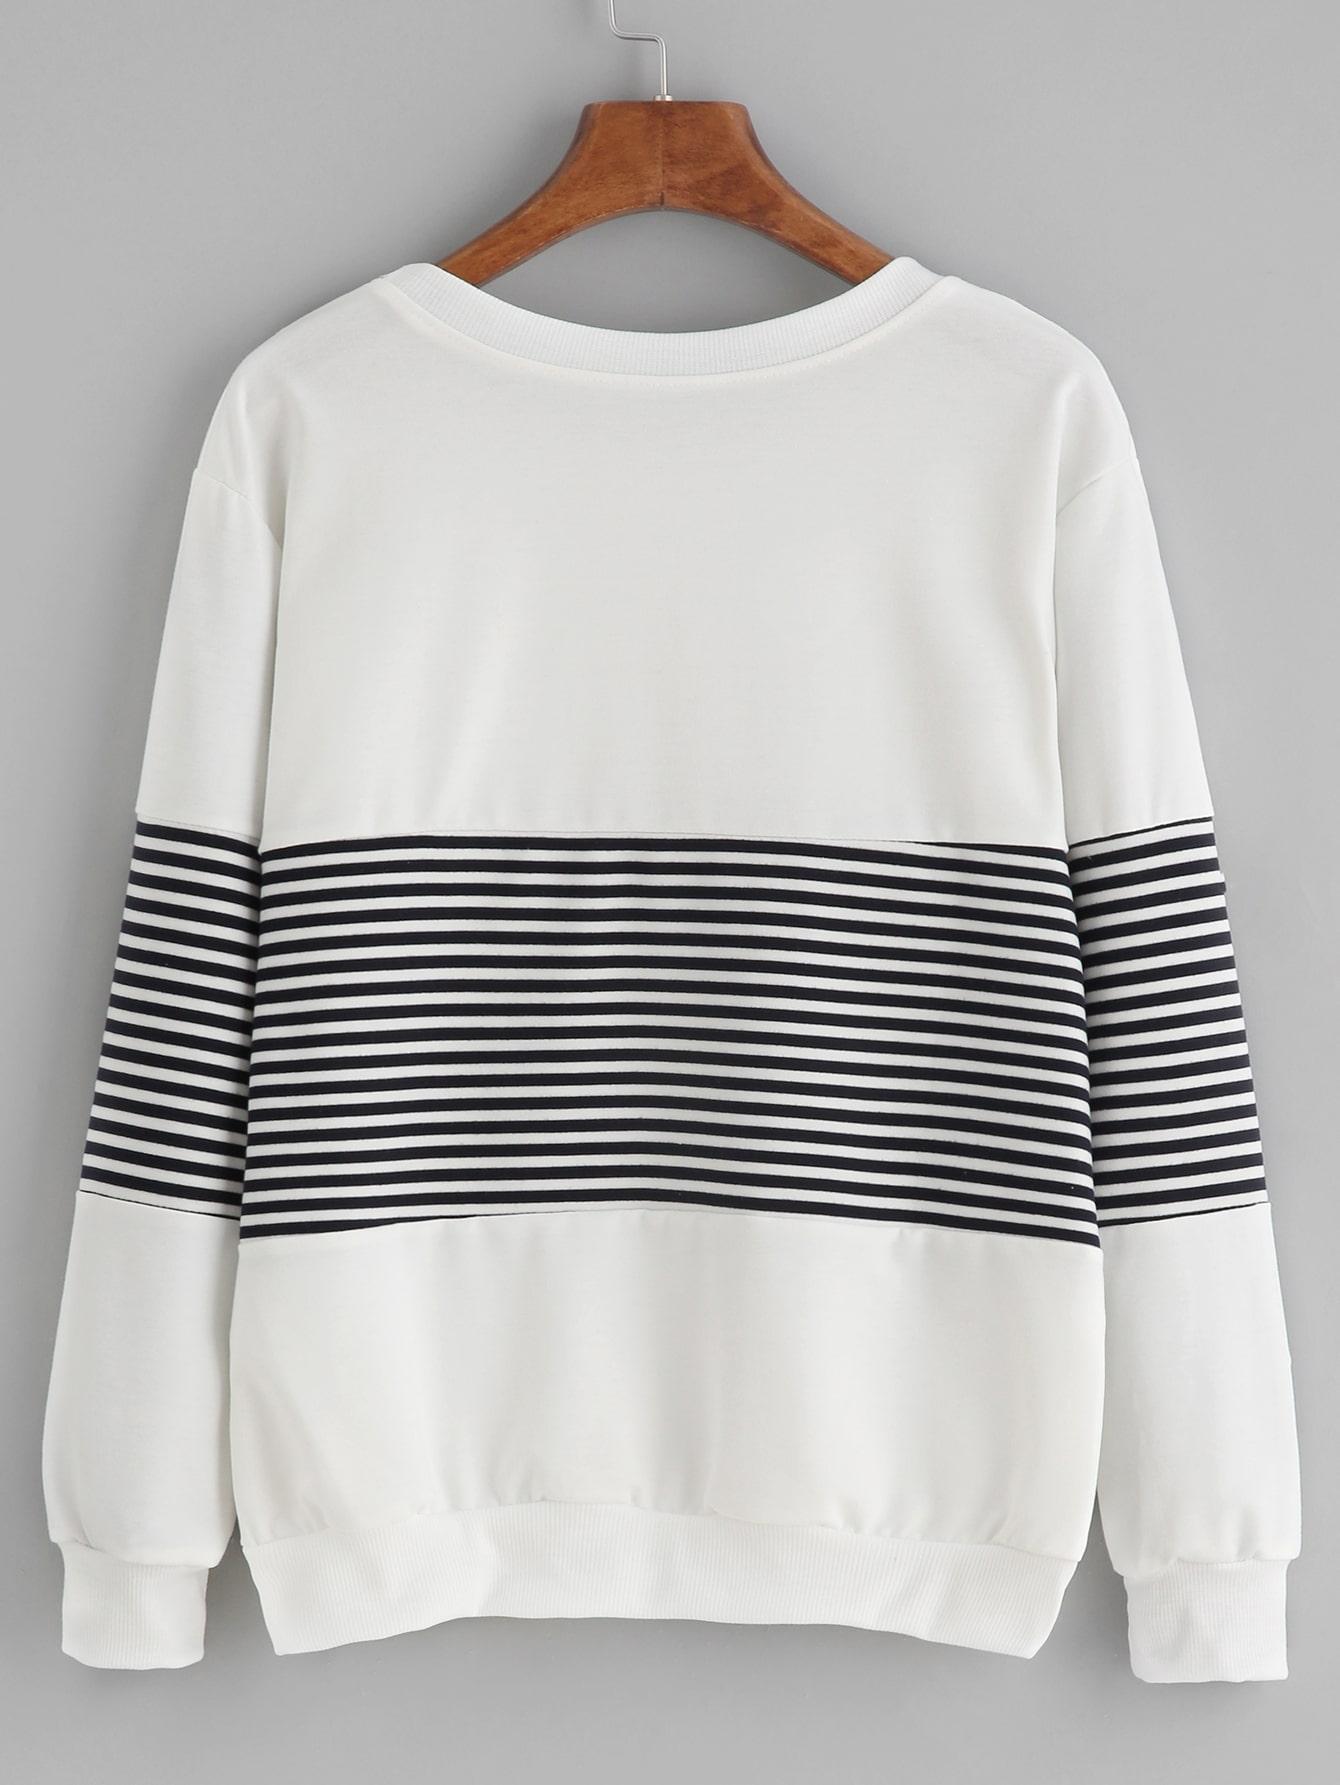 sweatshirt160819105_2